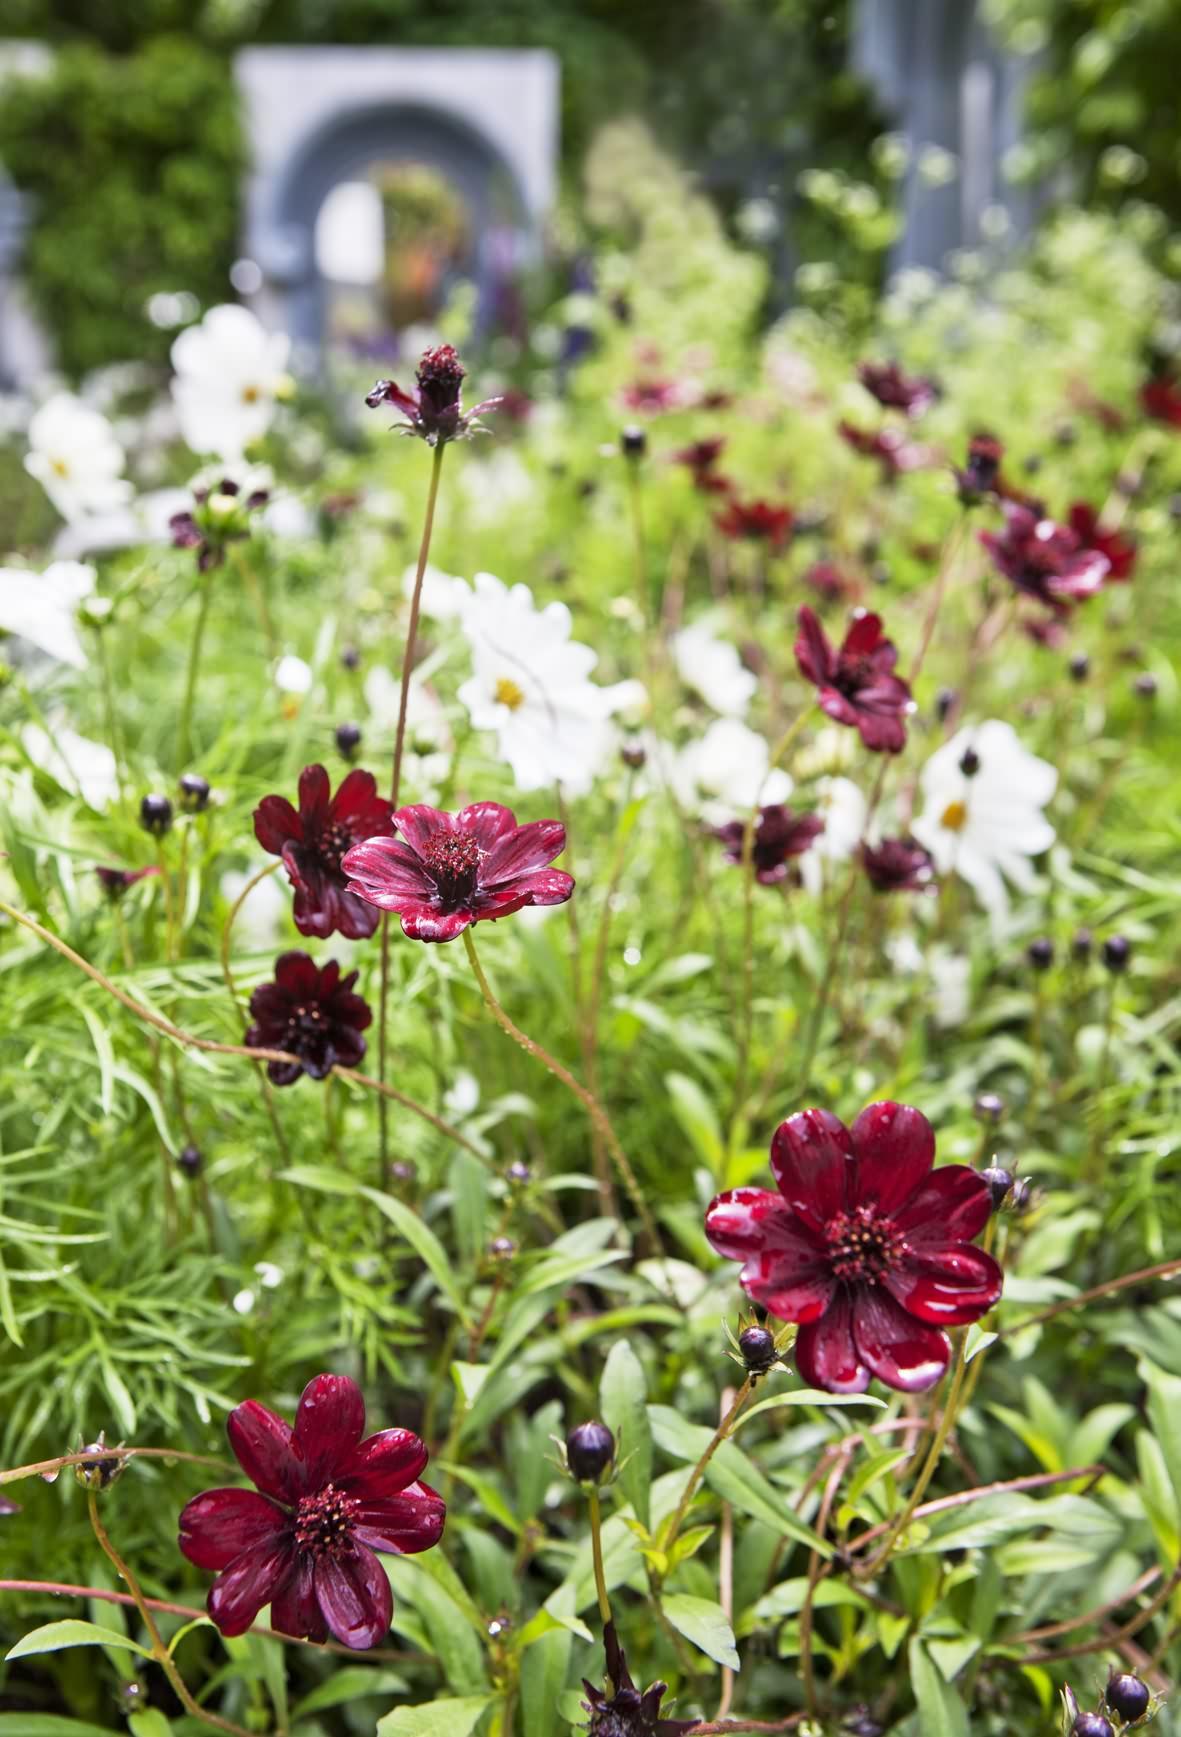 Gally_inlägg nr 2_bild2_Jardins jardin